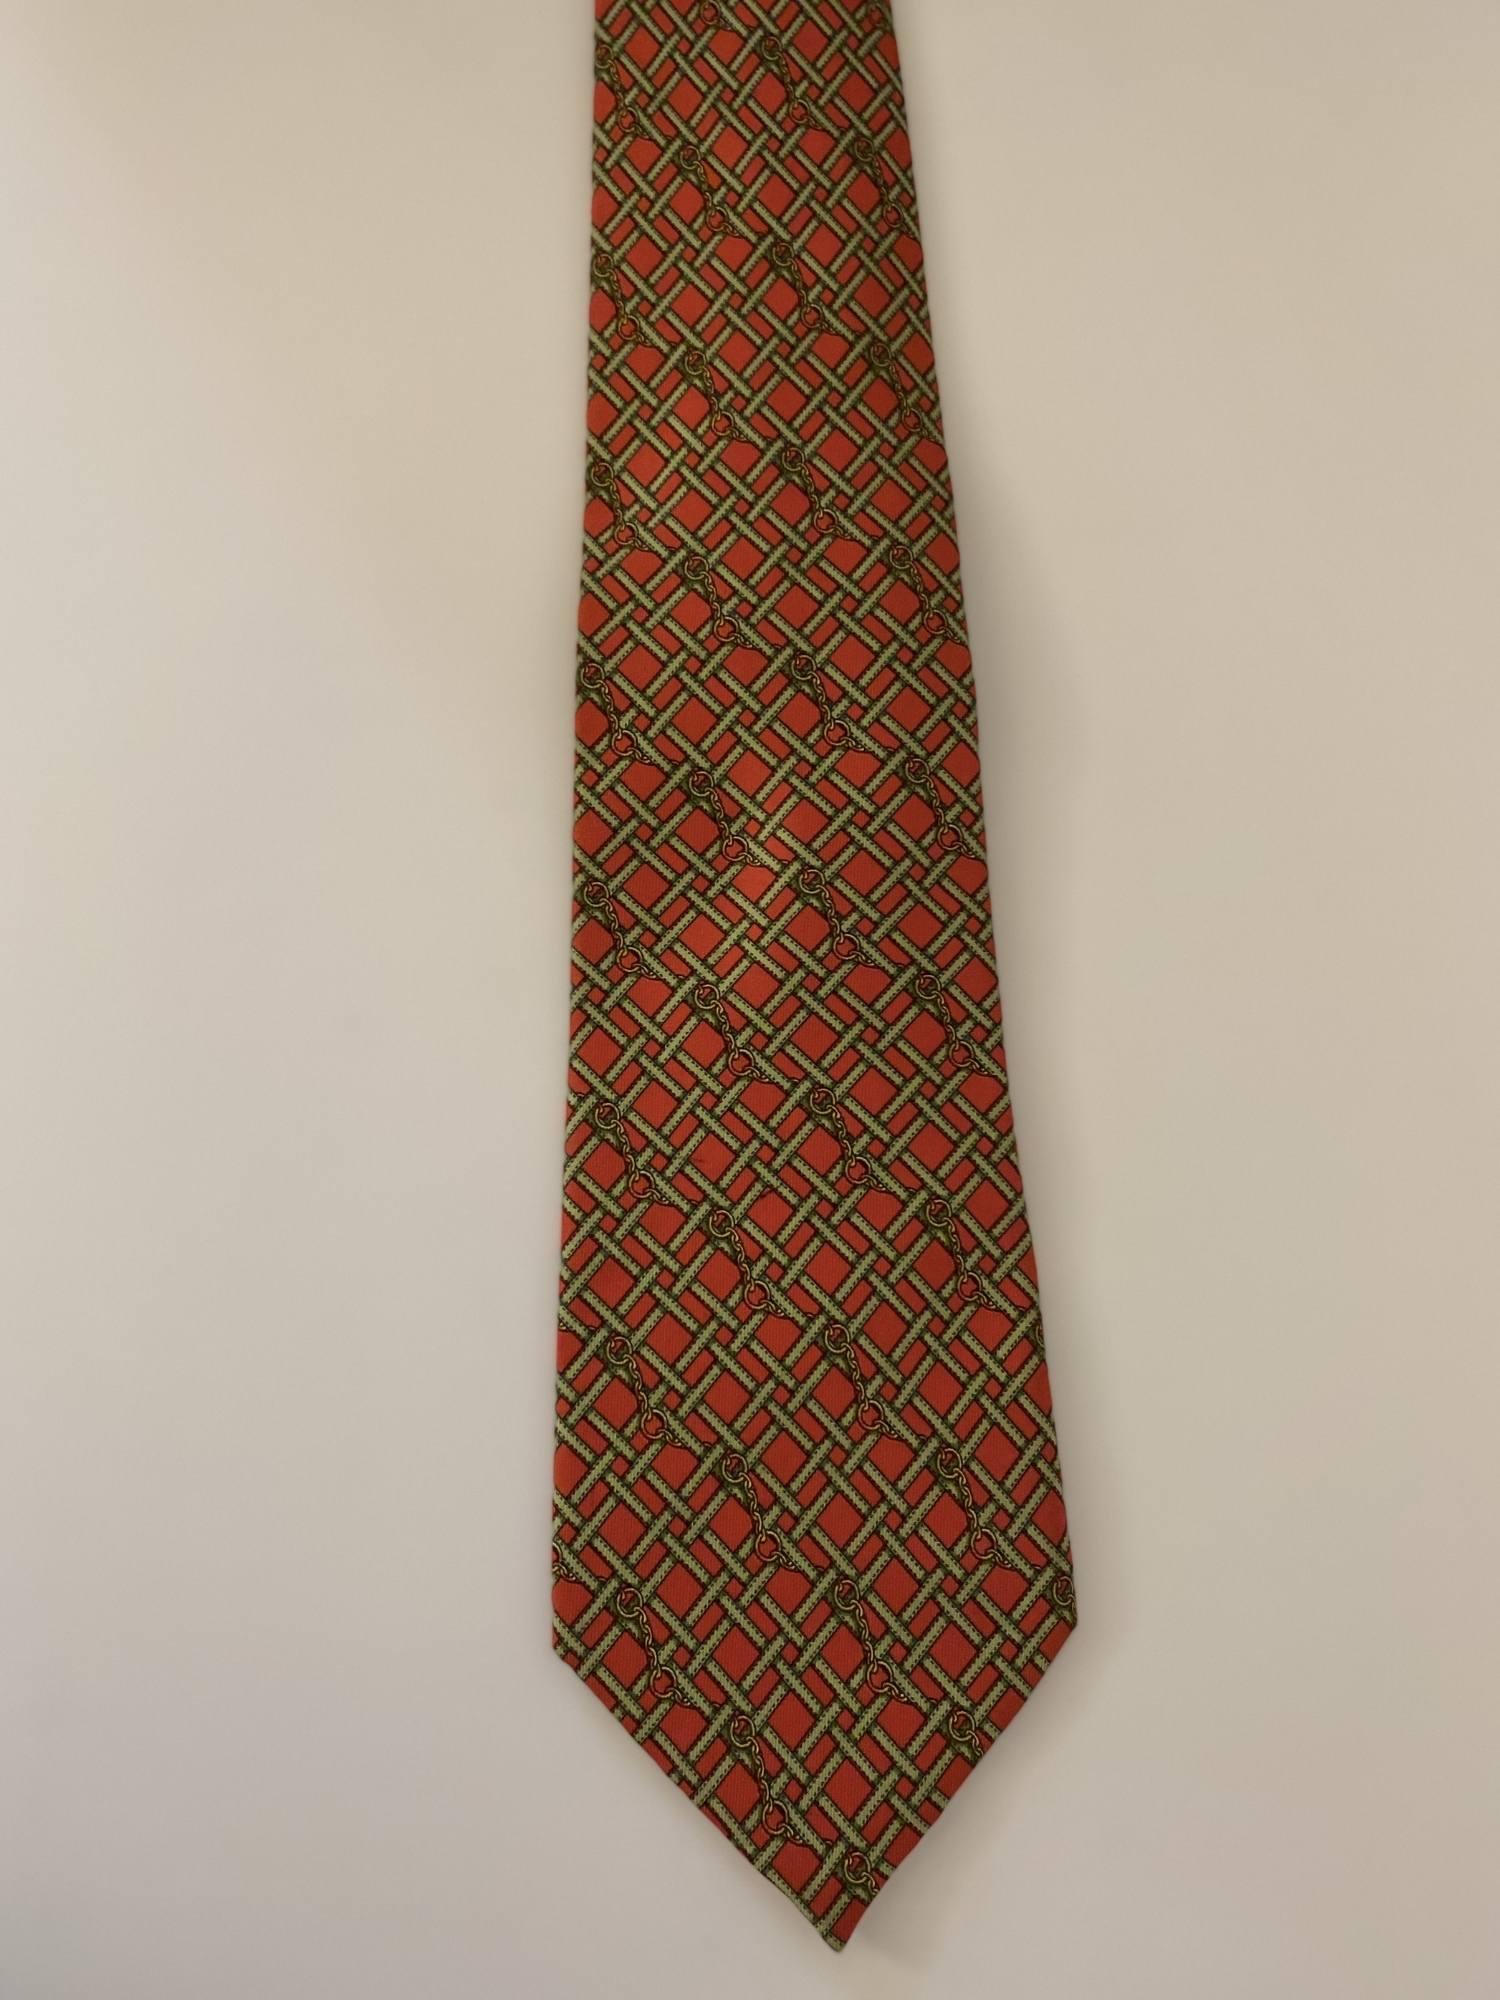 Gravata Gucci Vermelha e Verde